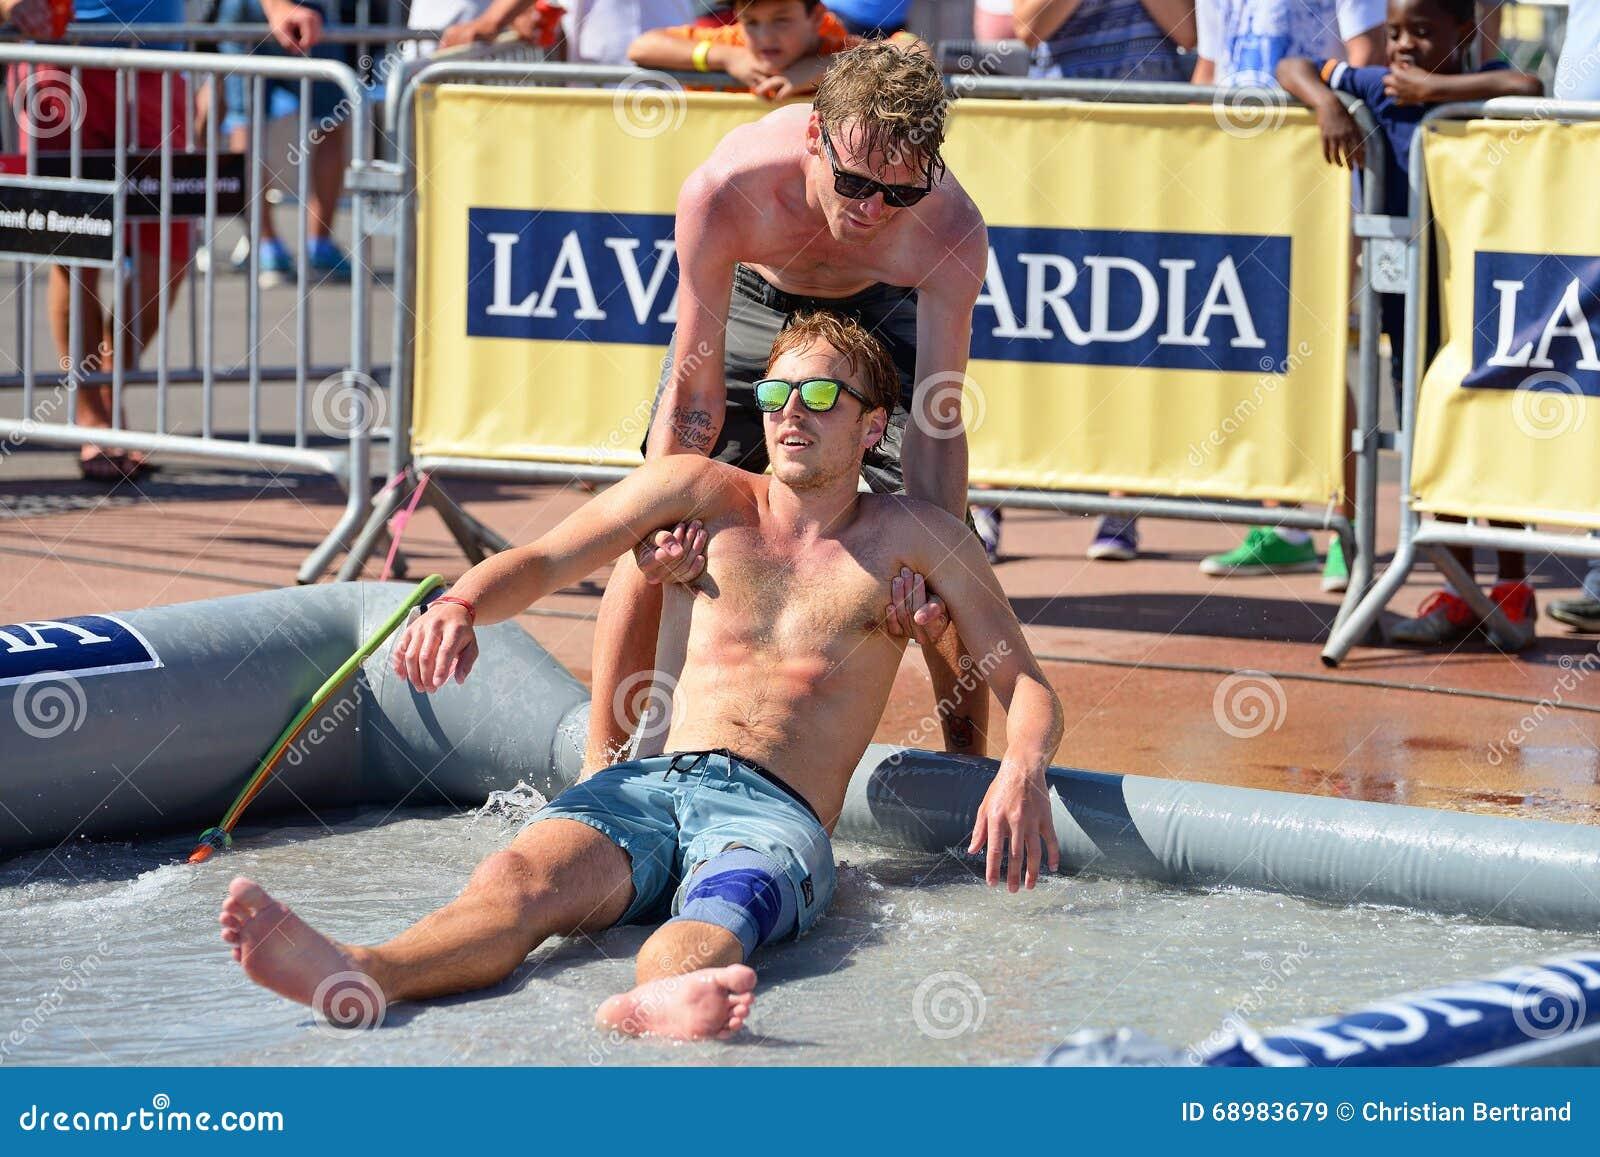 Los amigos se divierten en la piscina en los deportes extremos Barcelona de LKXA